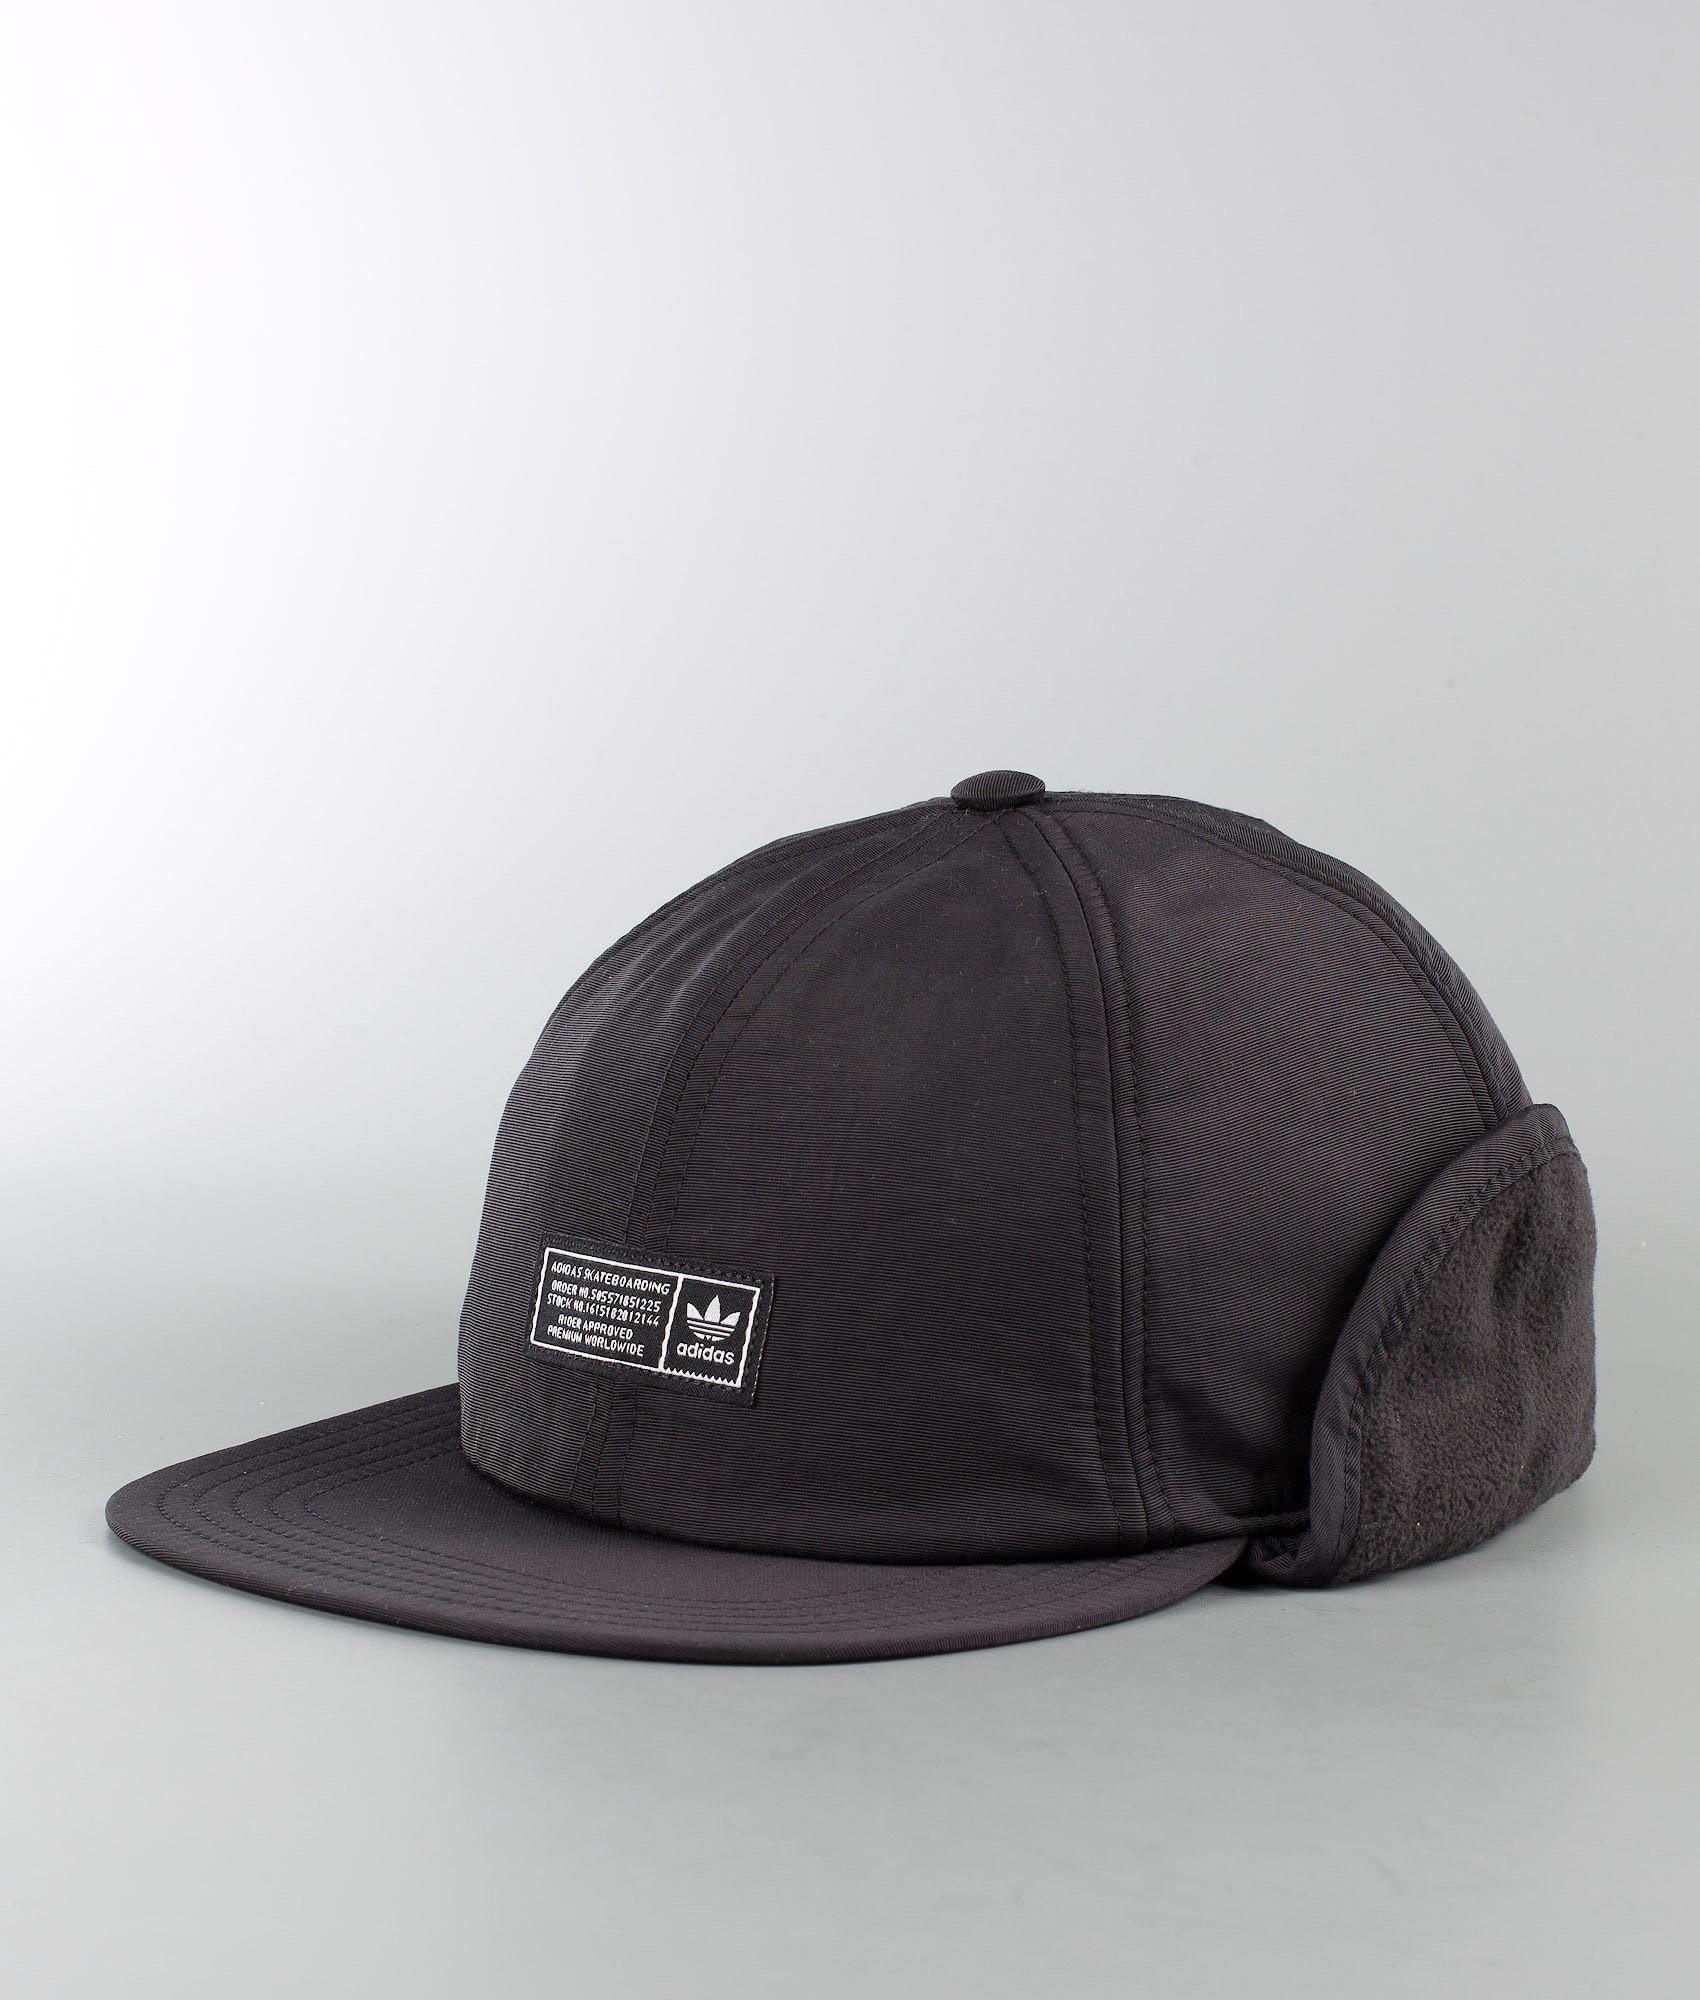 Adidas Skateboarding Winter Cap Cap Black - Ridestore.com 2ca7274af32